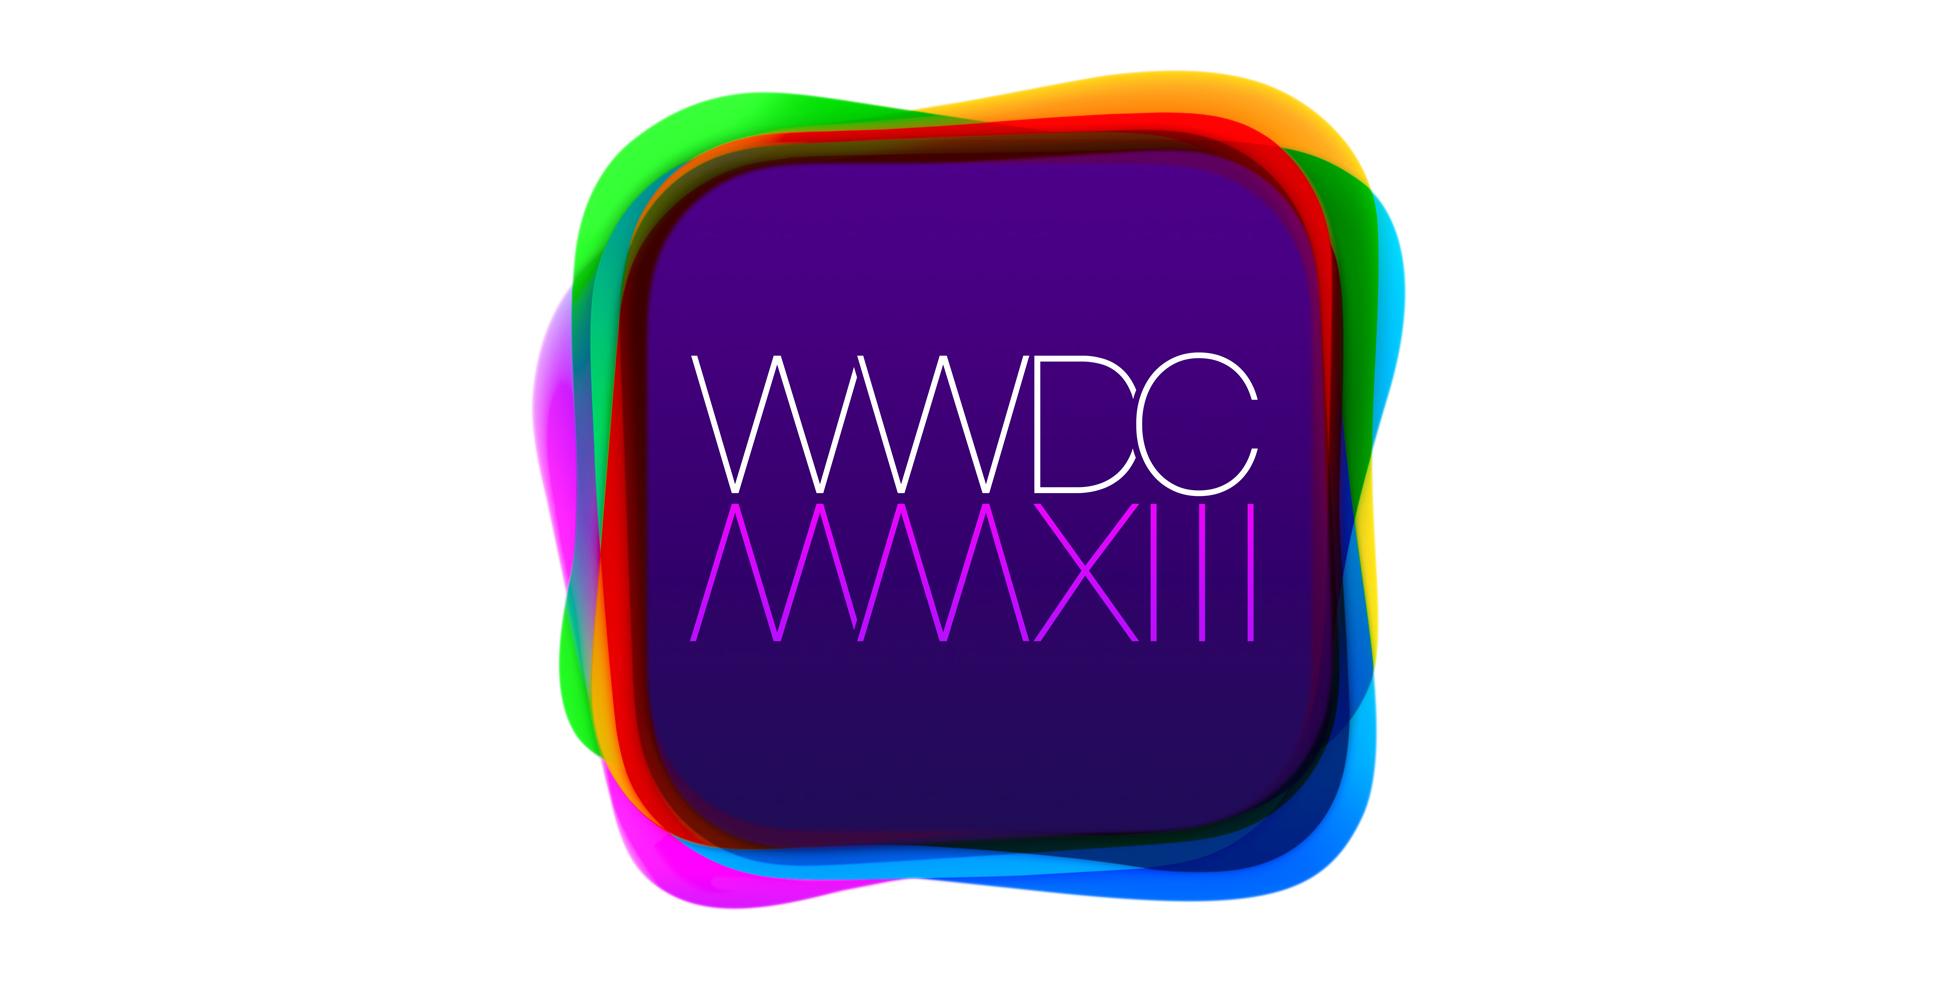 Applen viime vuoden WWDC-konferenssin logo - mitäköhän on luvassa tänä vuonna?